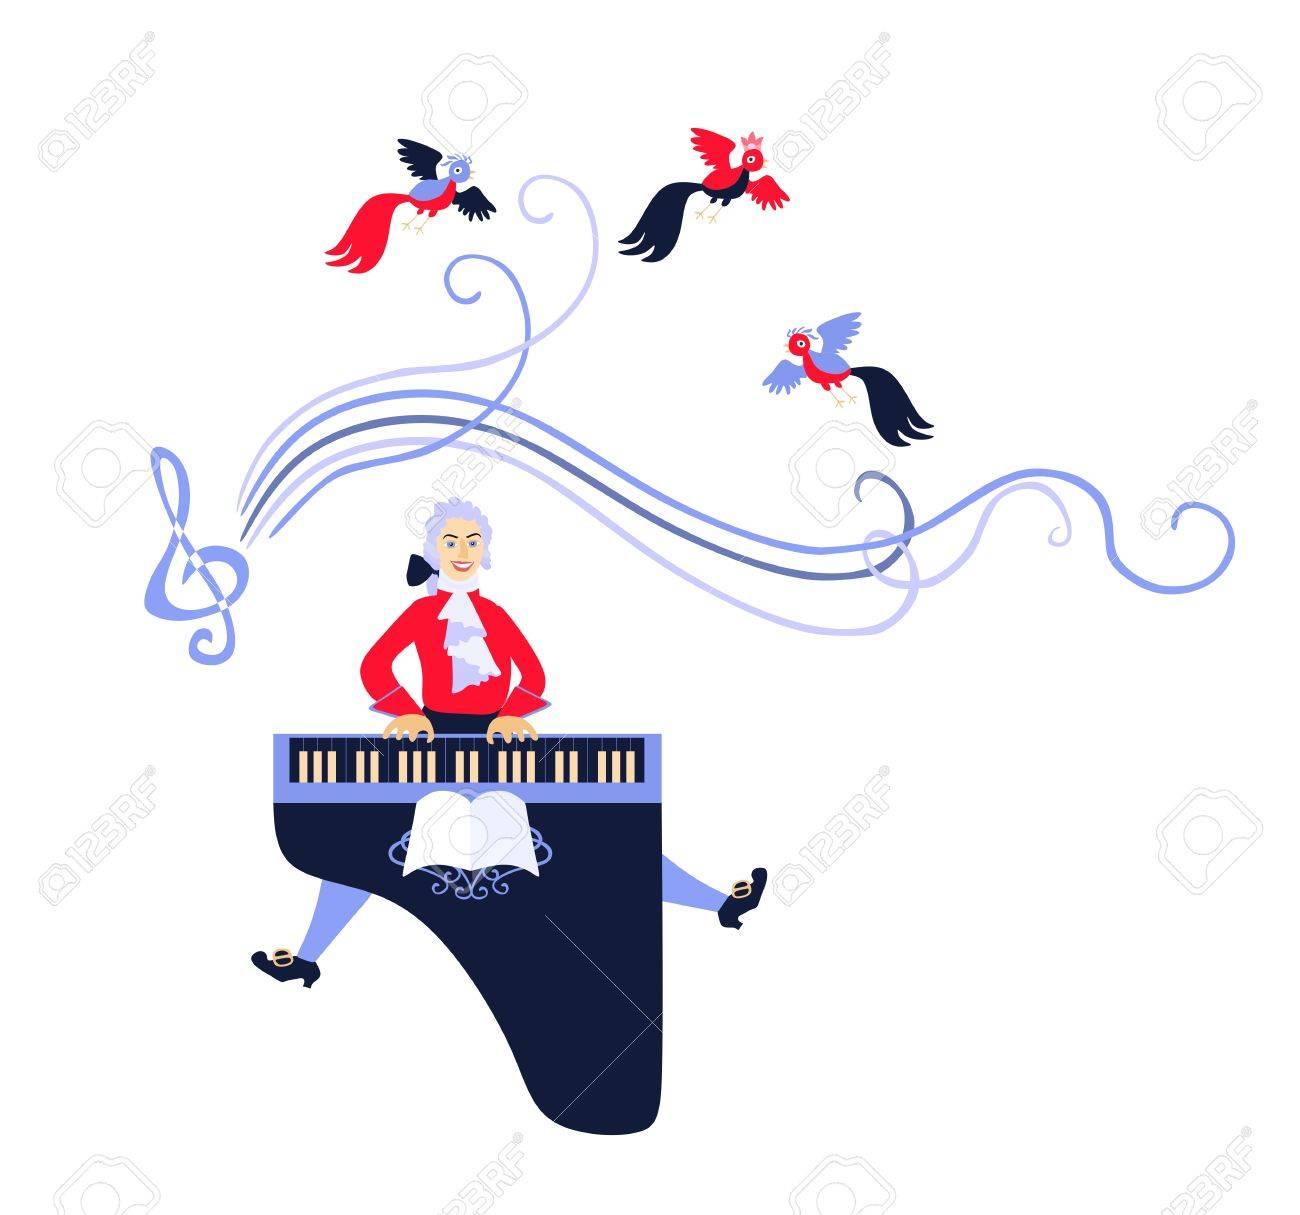 モーツァルトはチェンバロで彼の音楽を実行しましたかわいい漫画の